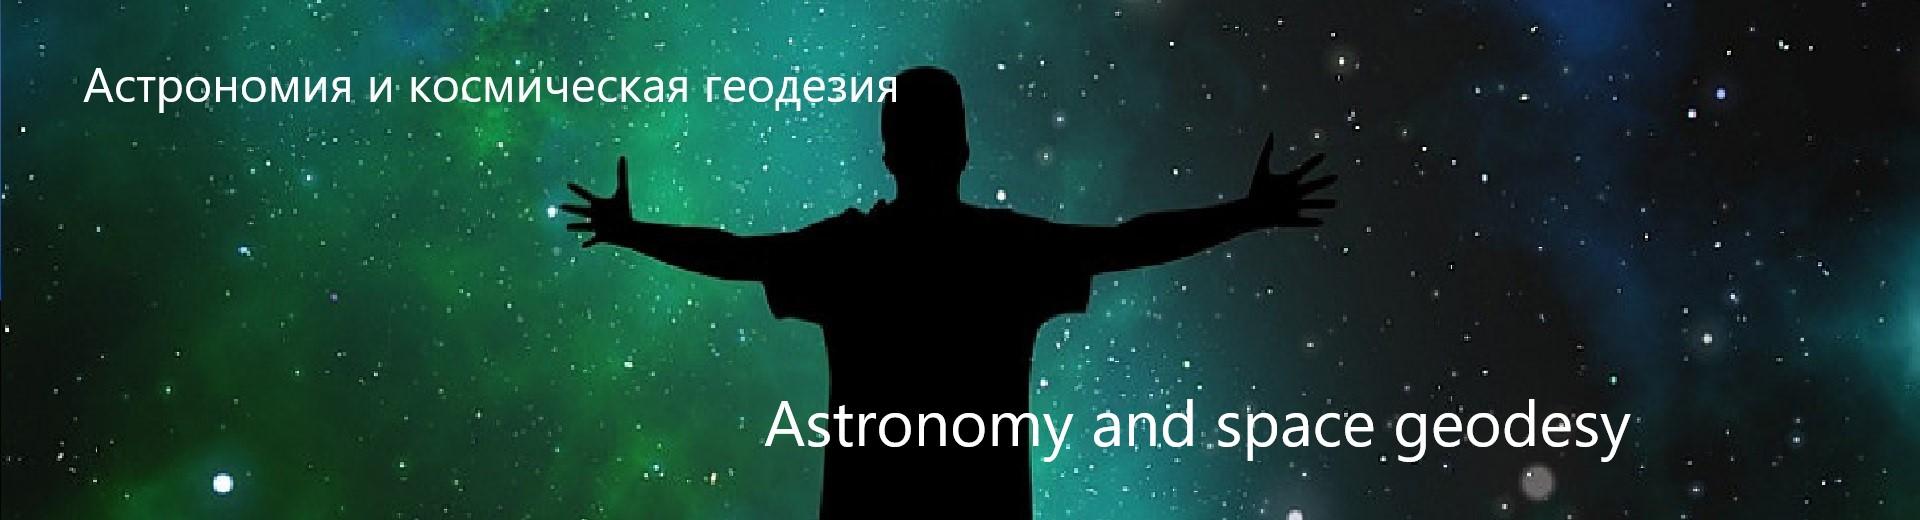 Портал КФУ \ Образование \ Институт физики \ Наука